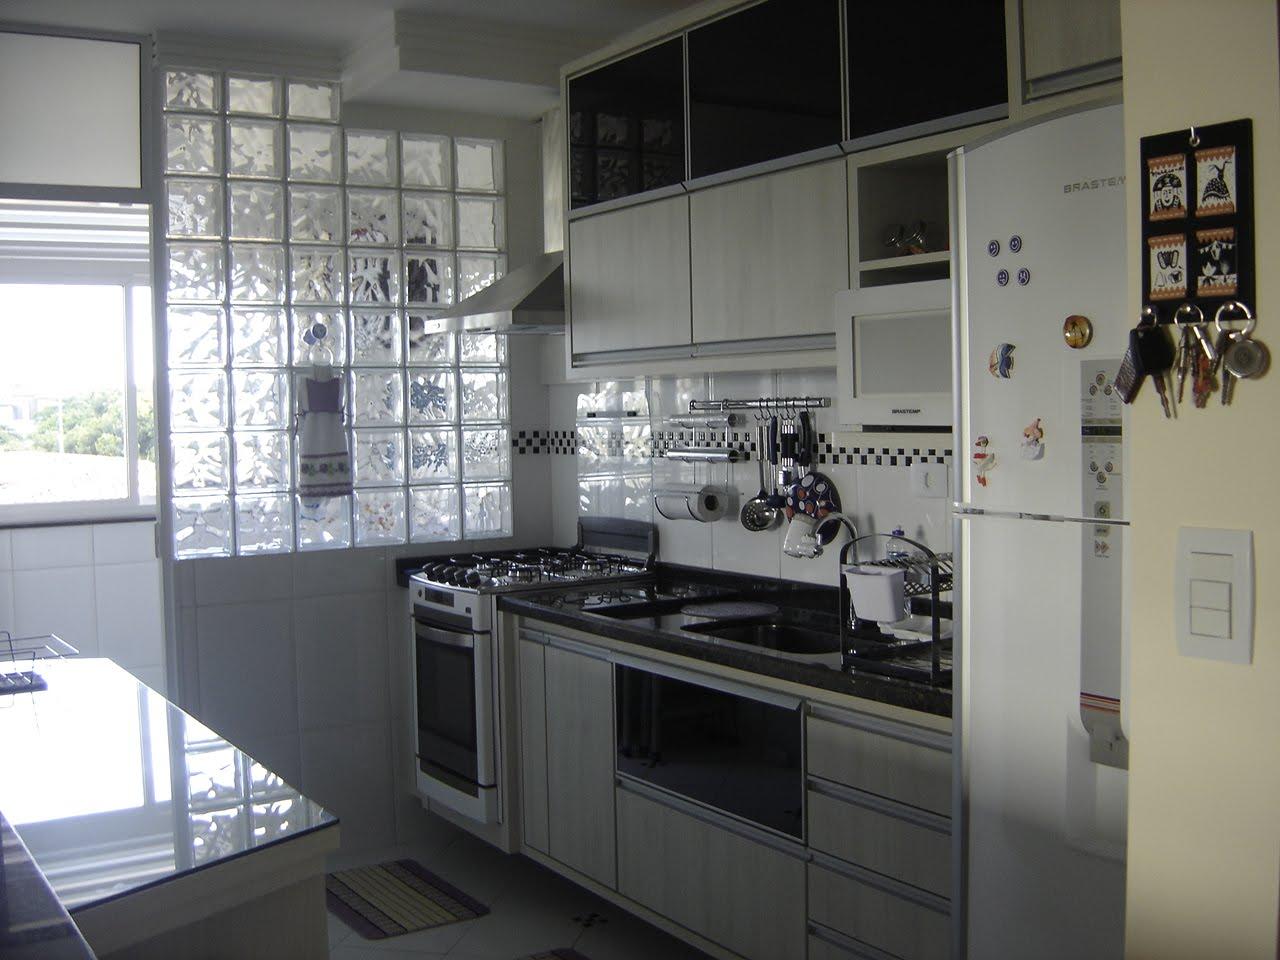 Como dividir a cozinha da área de serviço? A CASA DAS GURIAS #757056 1280 960